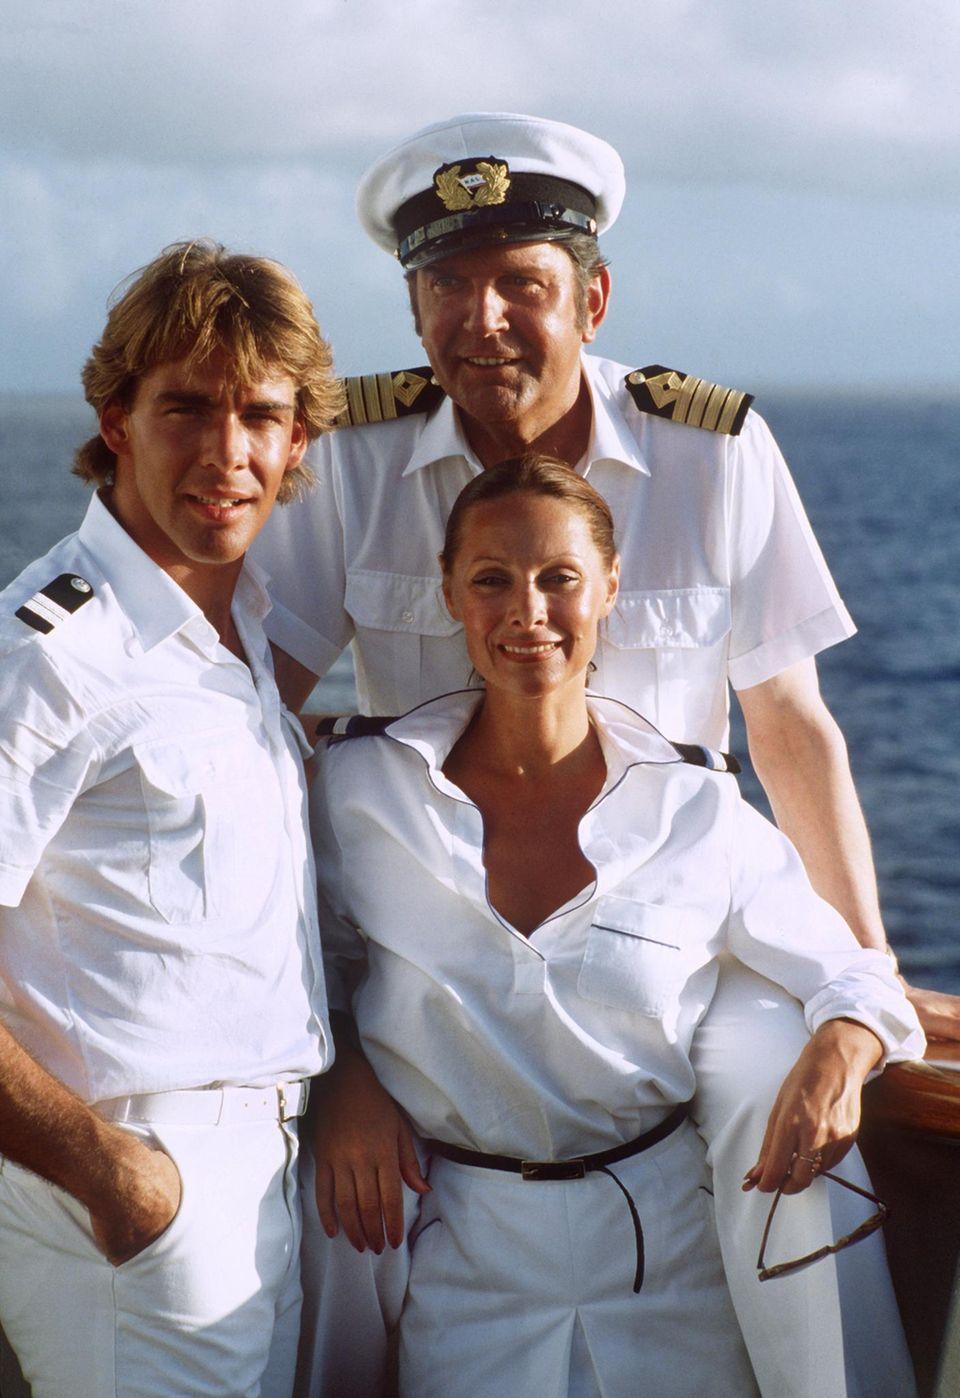 """Da war doch noch eine andere Serie?! Richtig! Sascha Hehn war nicht nur Lieblingsarzt. Er schipperte mit dem ZDF-""""Traumschiff"""" als Stewart """"Victor"""" über die Meere - und das noch vor seinem """"Schwarzwaldklinik""""-Einsatz. 2014 beförderte ihn das ZDF sogar und seither hat er als Kapitän das Kommando auf dem Seriendampfer. Den Schiffarzt spielt auch schon jemand anders ..."""